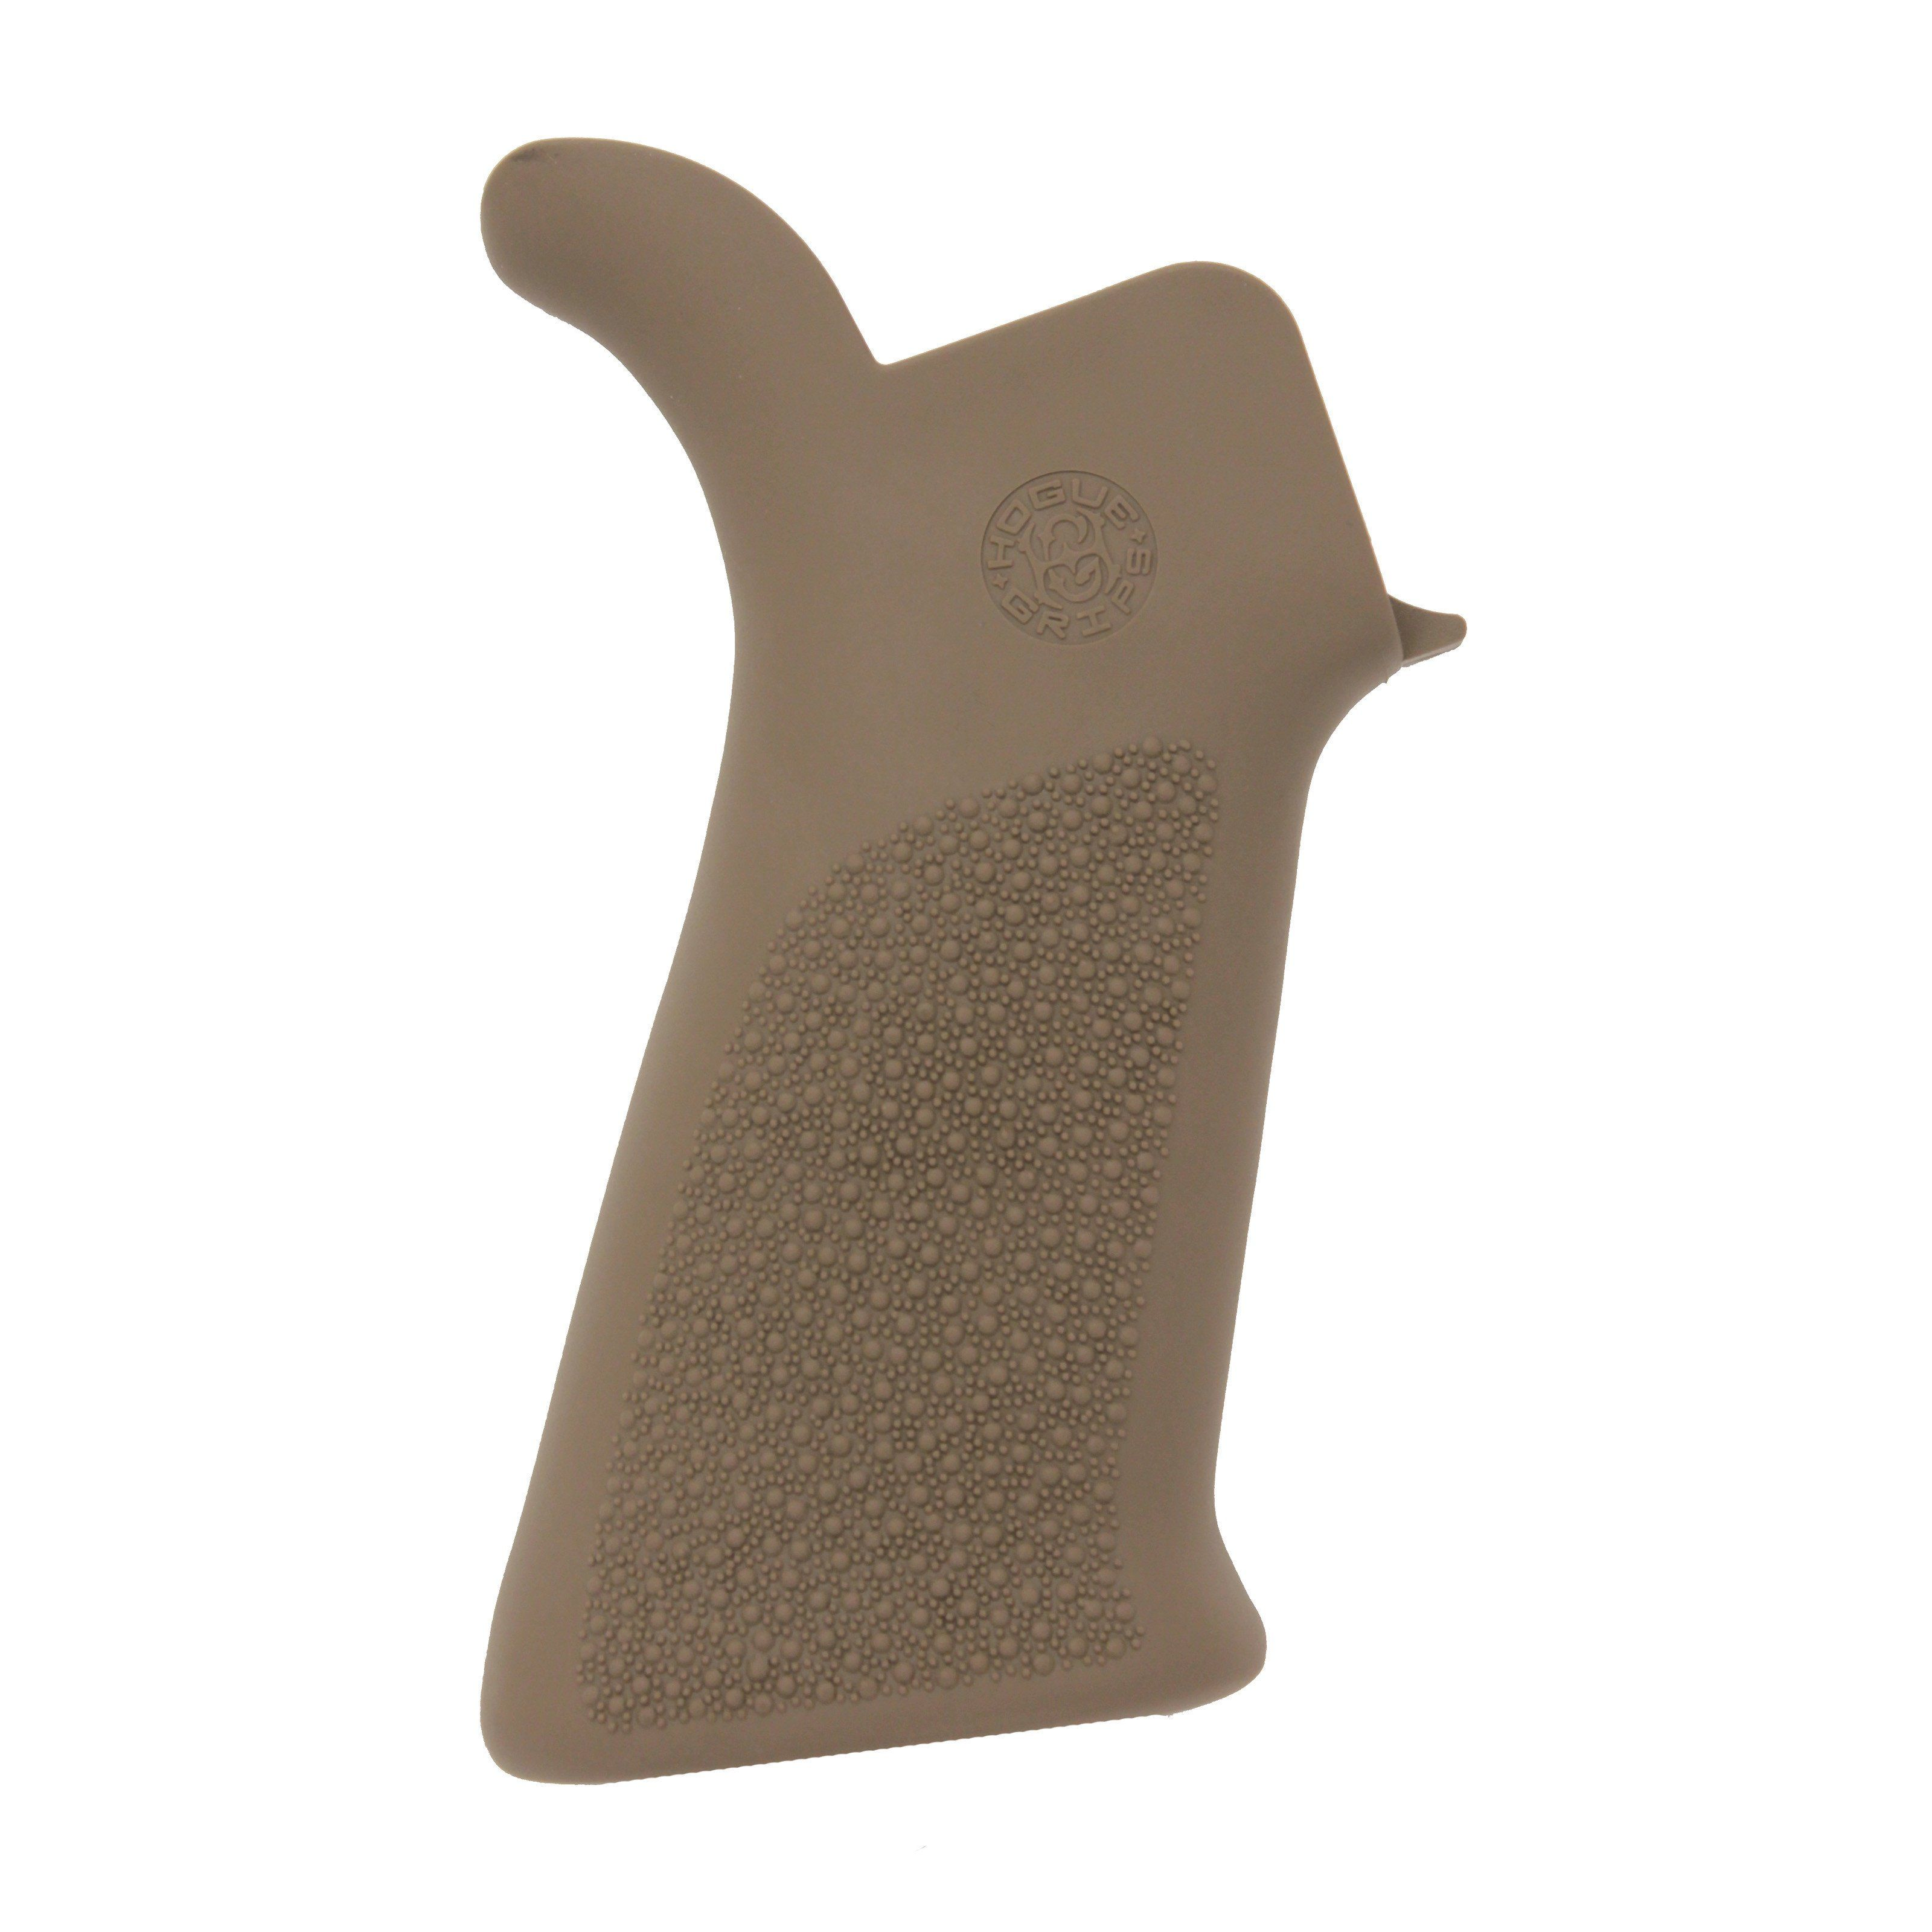 Hogue AR-15 Rubber Grip Beavertail No Finger Grooves Flat